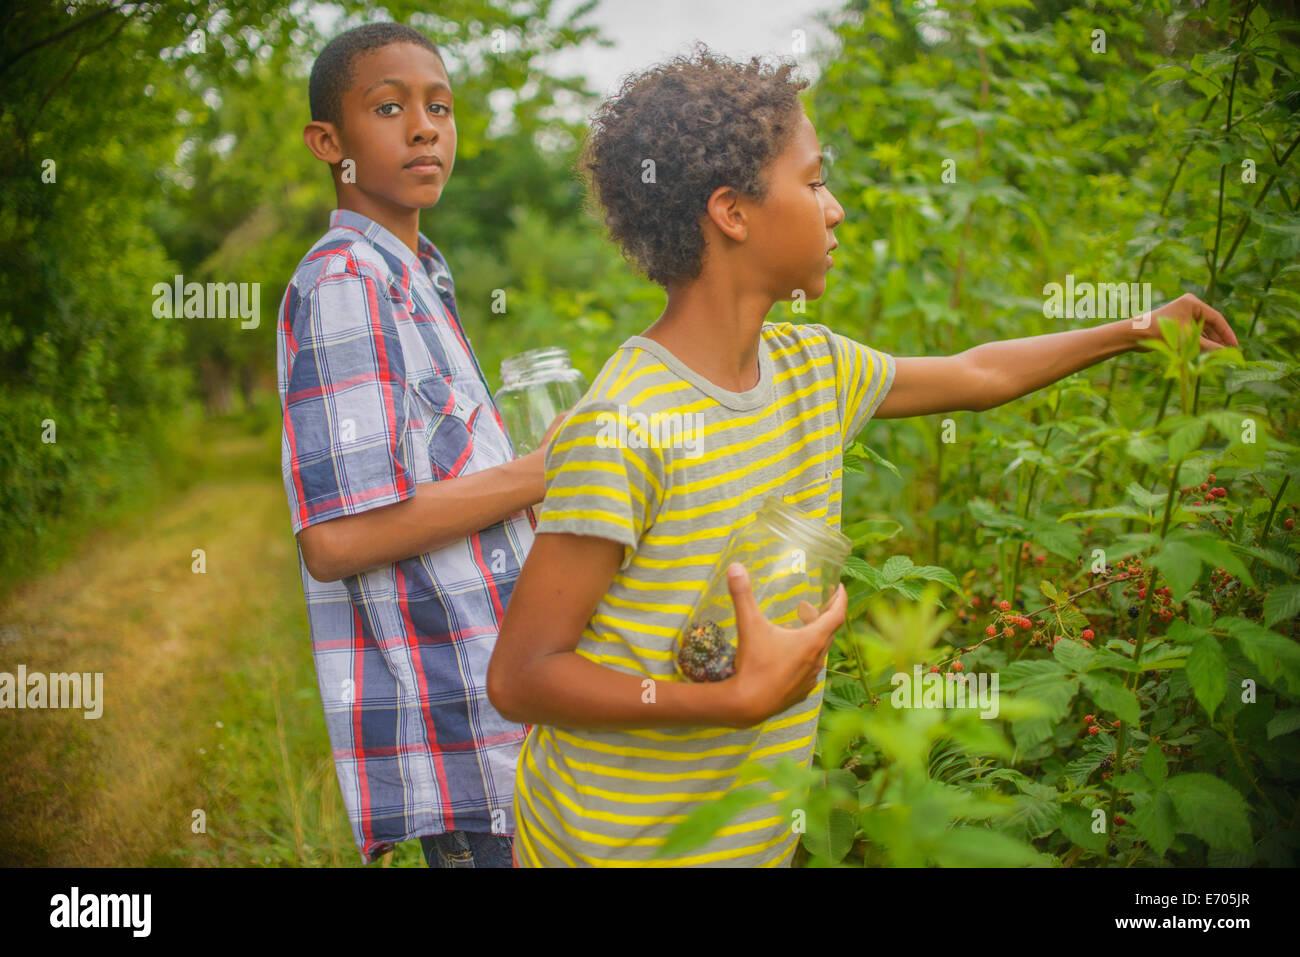 Los muchachos la recogida de bayas Imagen De Stock